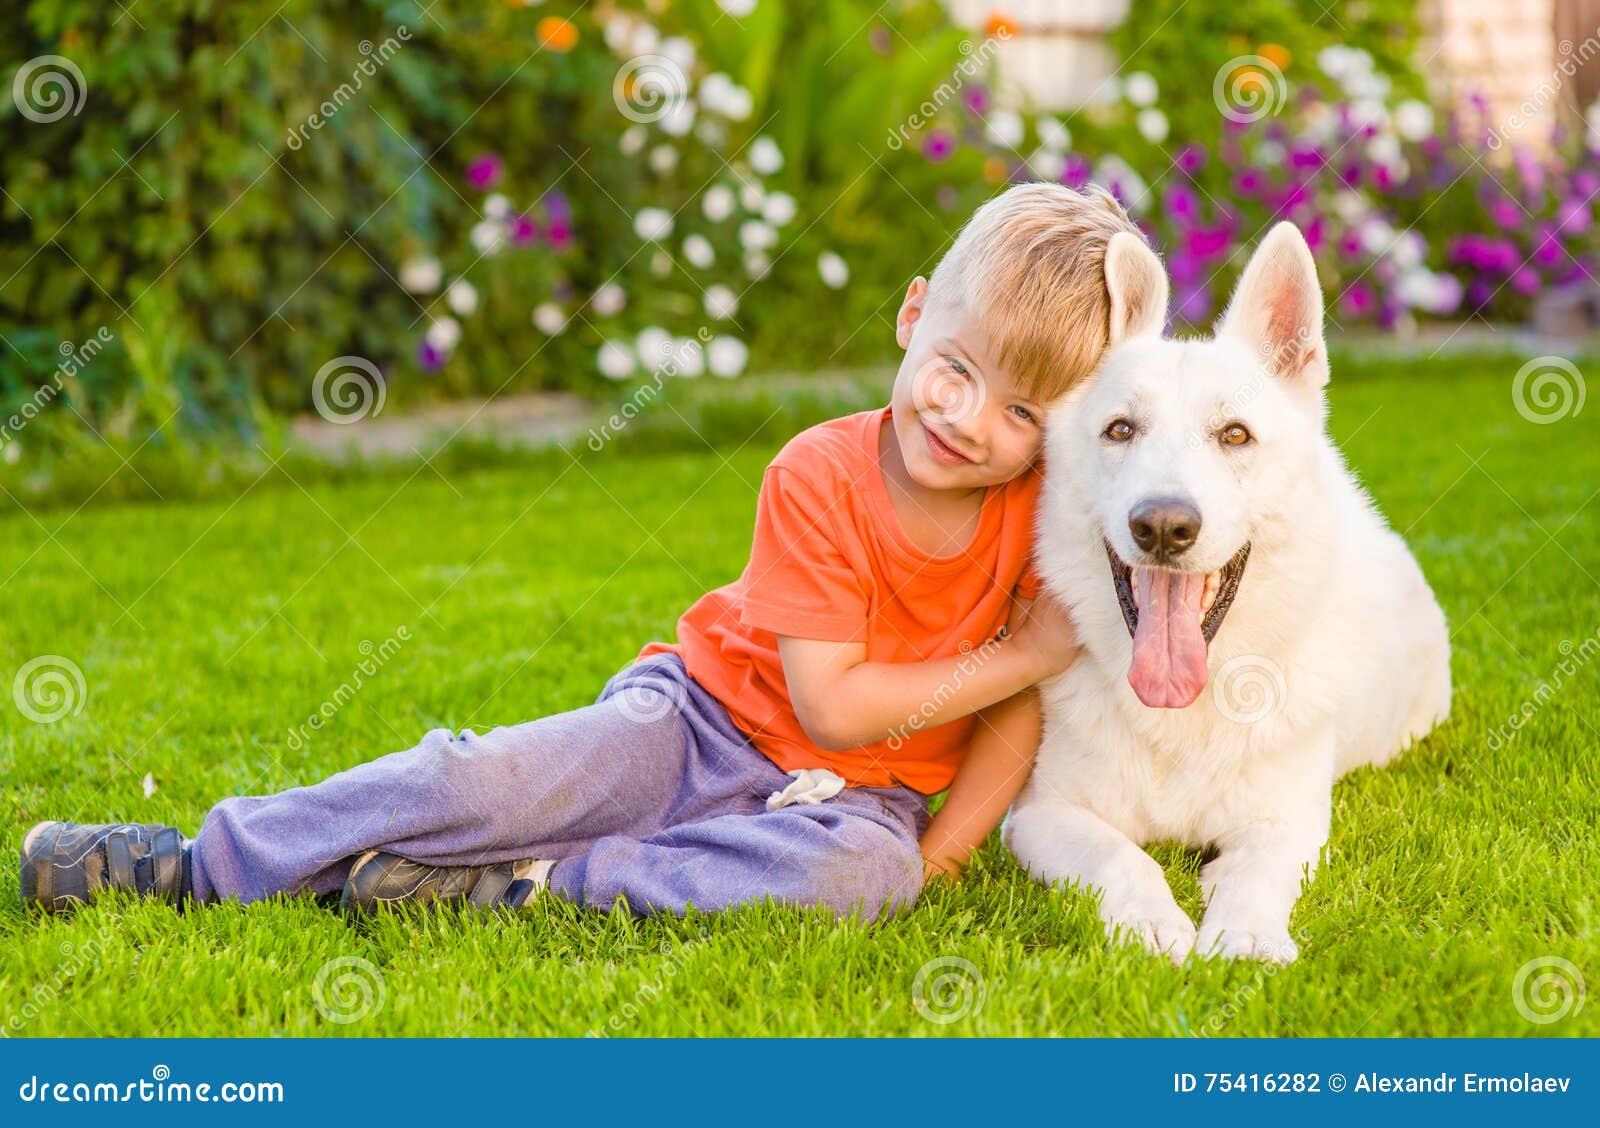 enfant et chien de berger suisse blanc ensemble sur l 39 herbe verte photo stock image du hound. Black Bedroom Furniture Sets. Home Design Ideas